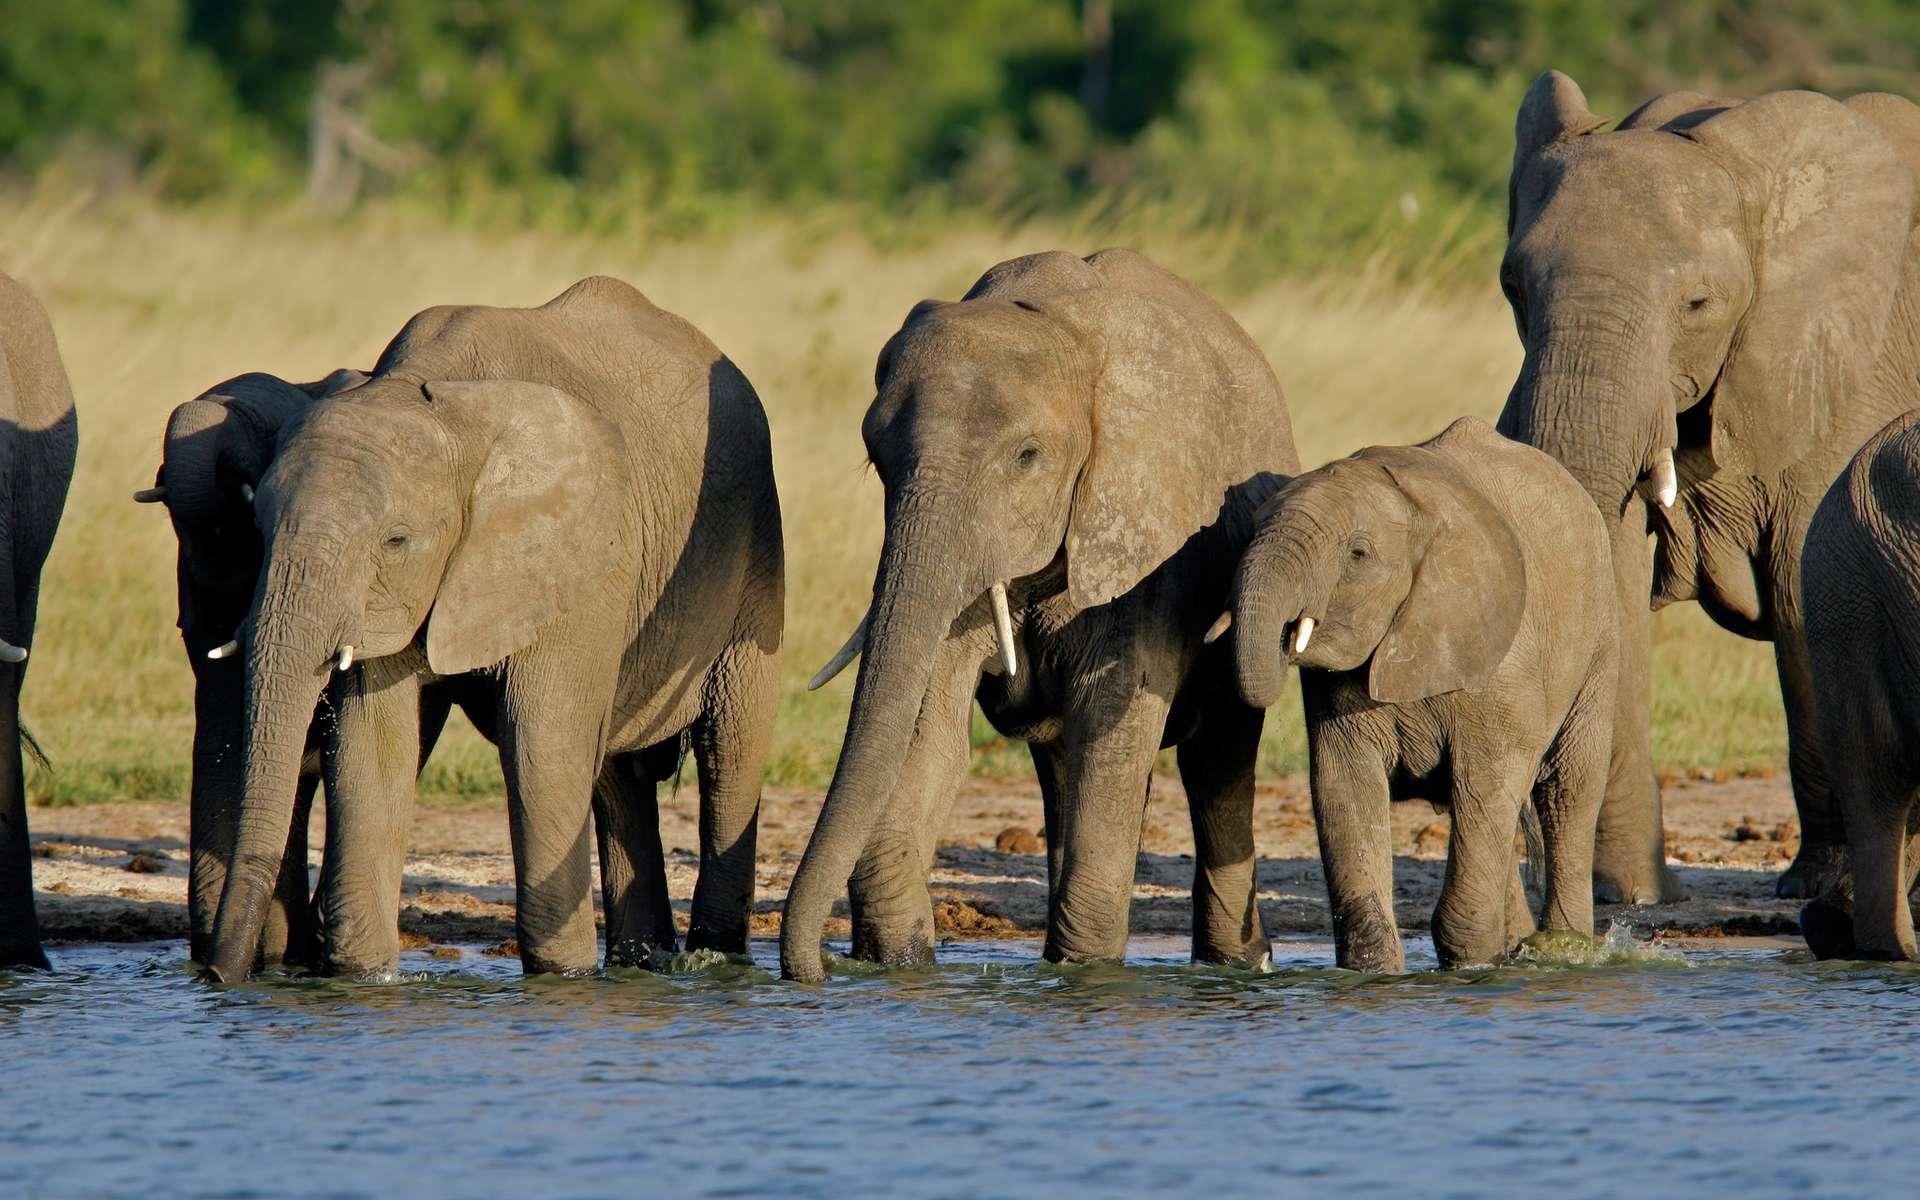 Un groupe de jeunes éléphants d'Afrique sous la surveillance d'une femelle adulte au moment de s'abreuver en communauté à la rivière. © Global Water Partnership, Flickr cc by-nc-sa 2.0